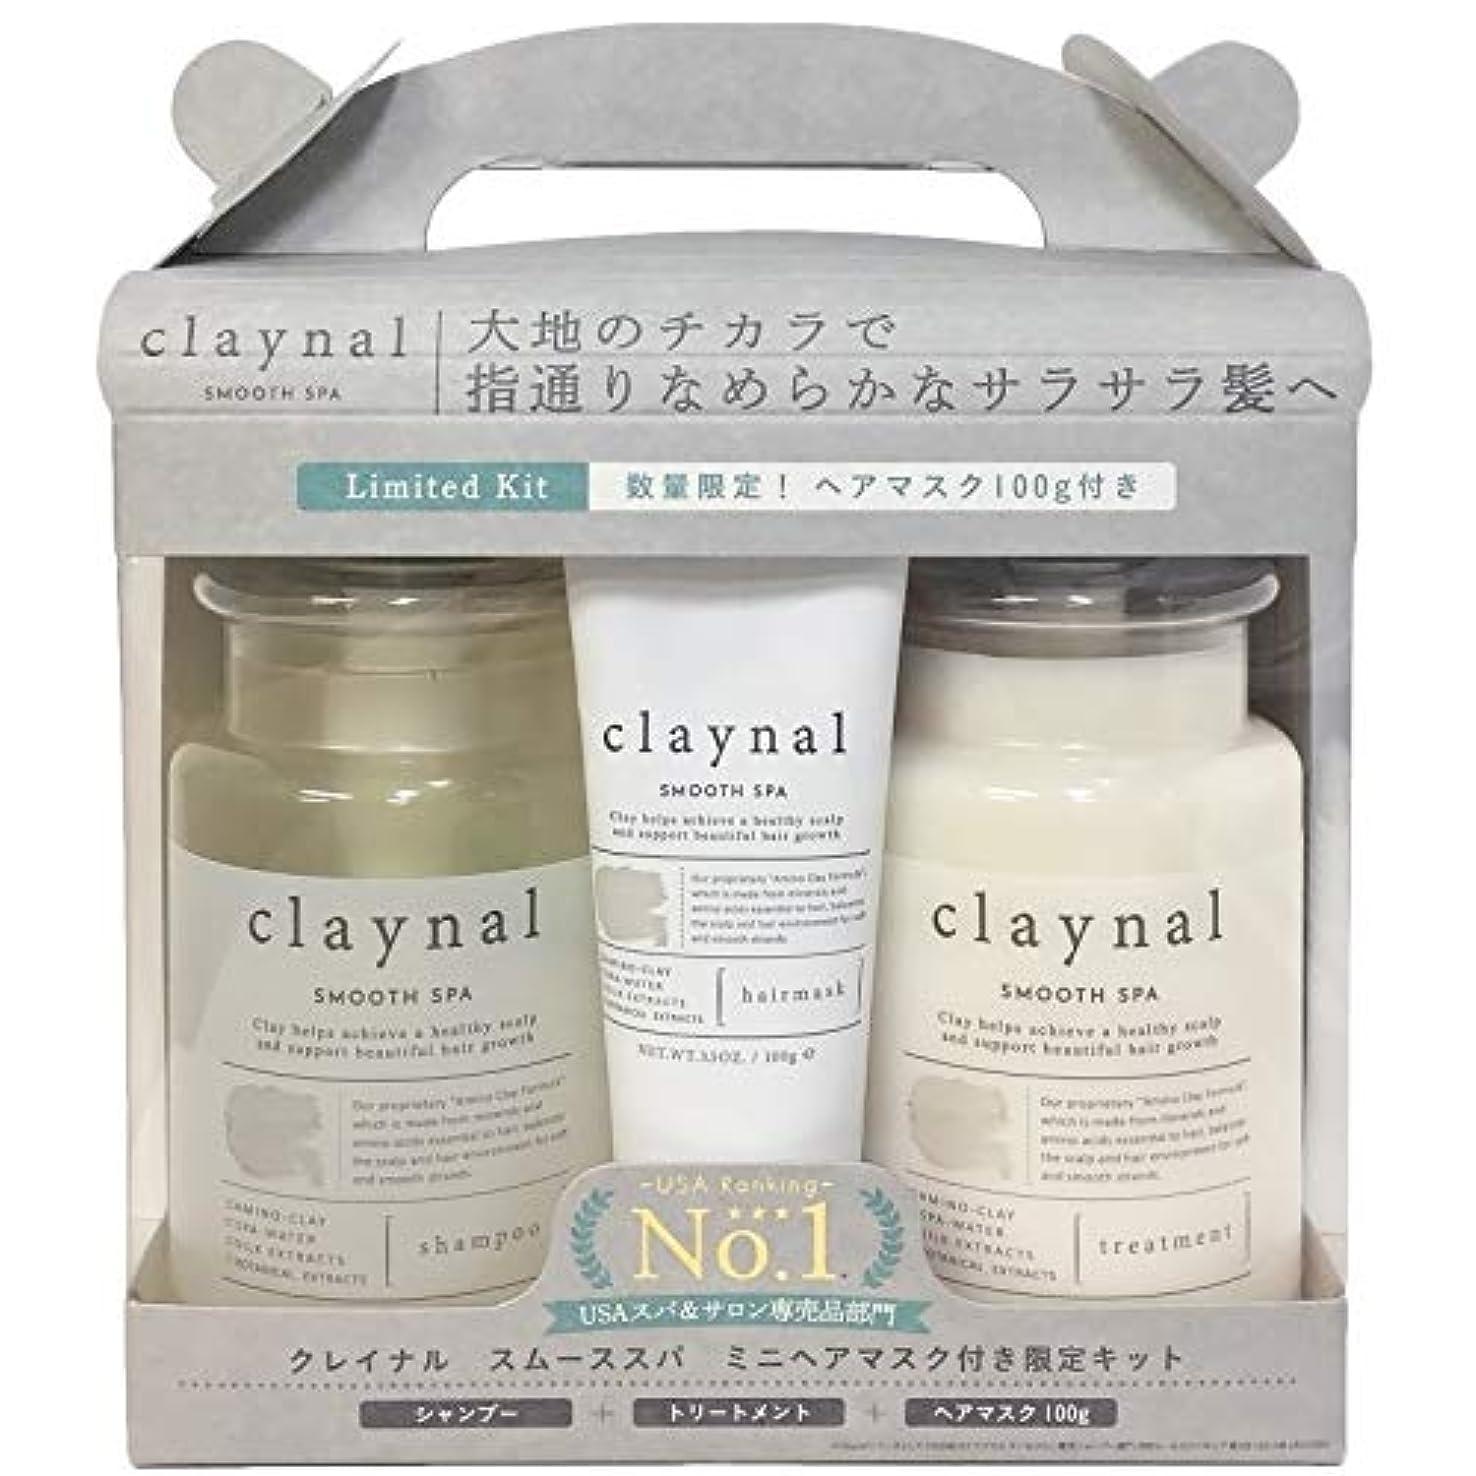 レーザ定義する出口claynal(クレイナル) クレイナル スムーススパミニヘアマスク付き限定セット 450mL/450mL/100g シャンプー 450ml+450ml+100g